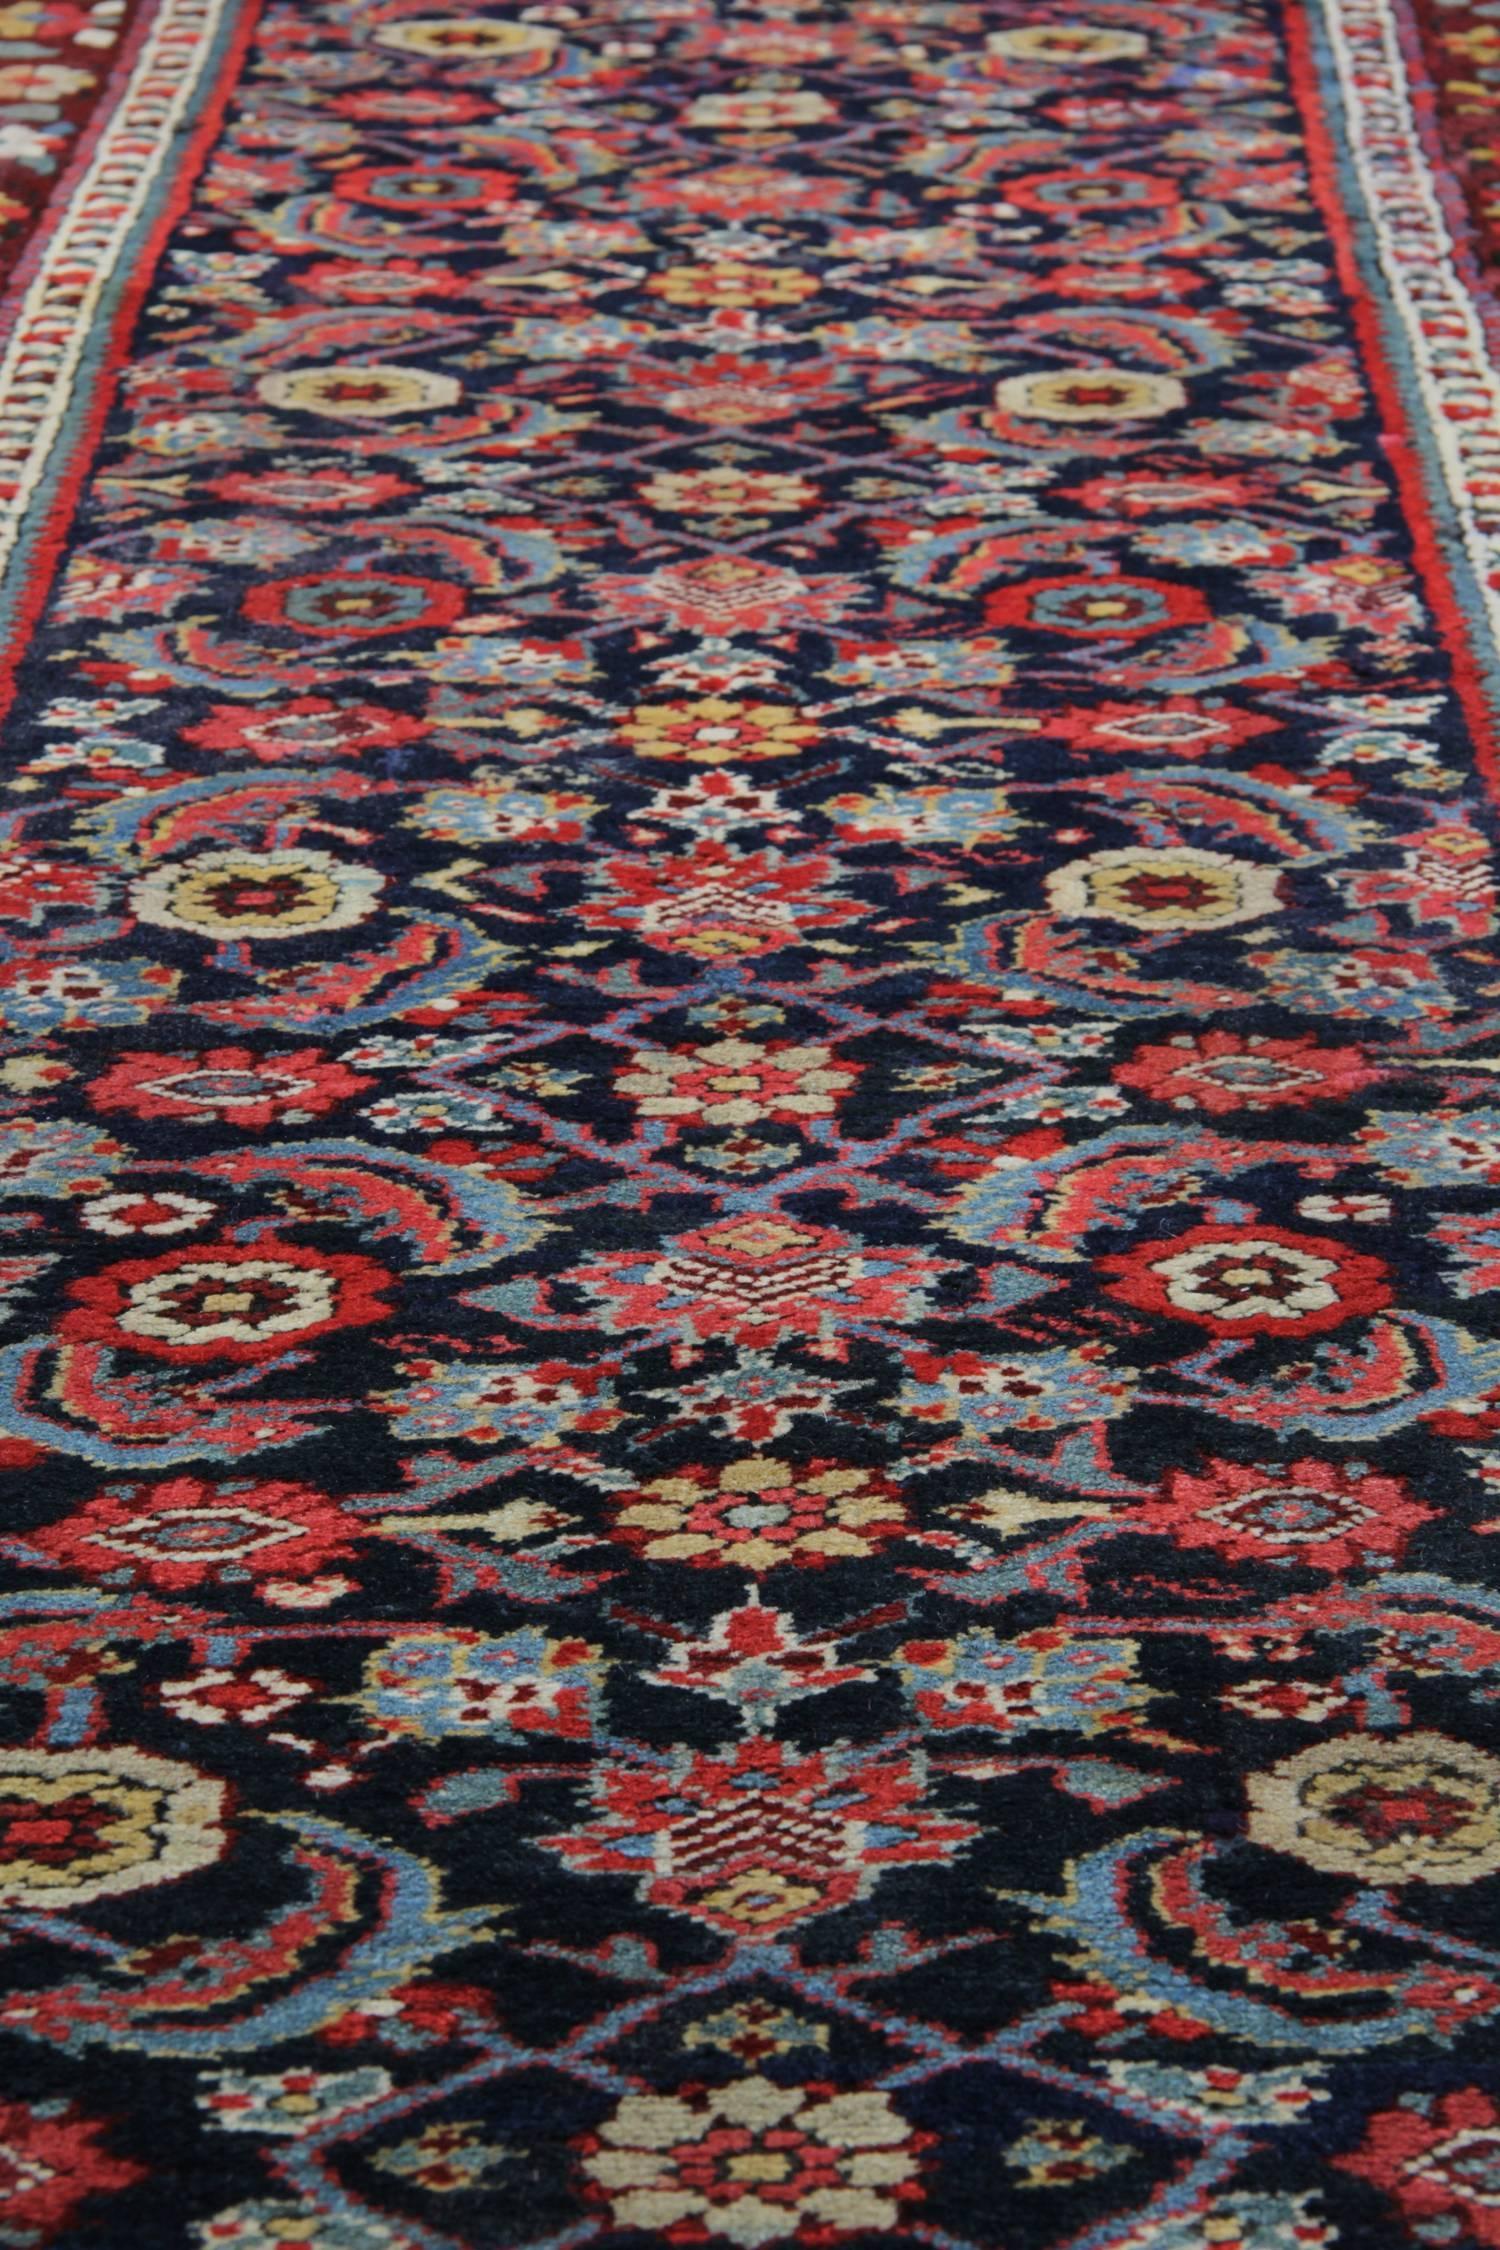 Heriz Serapi Antique Carpet Runners, Persian Kurdish Stair Runner For Sale